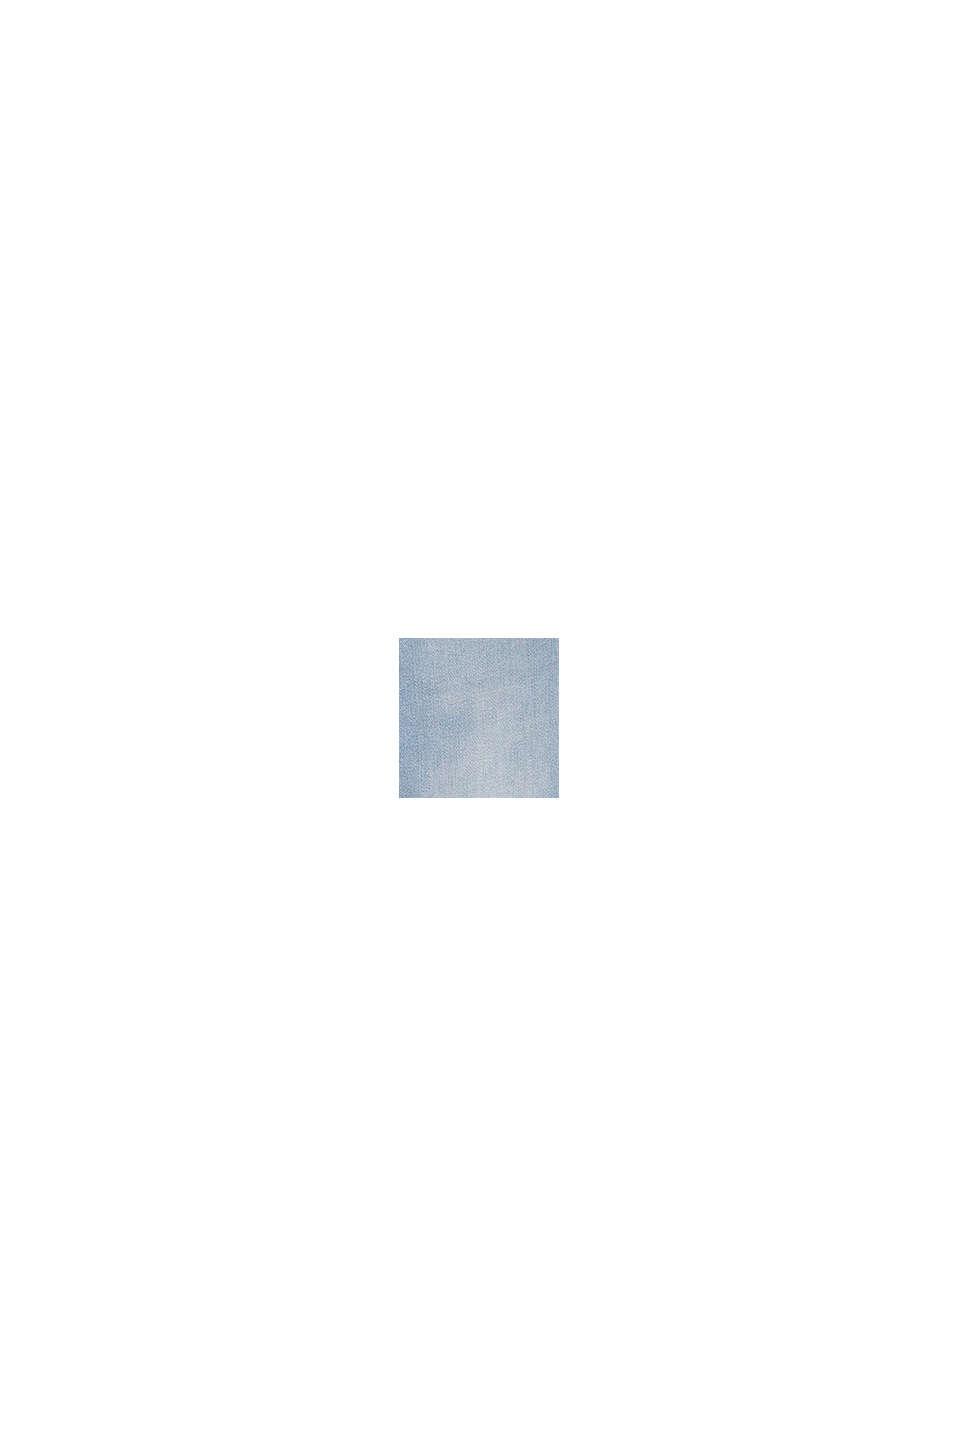 Vaqueros de algodón ceñidos con cintura ajustable, BLUE BLEACHED, swatch